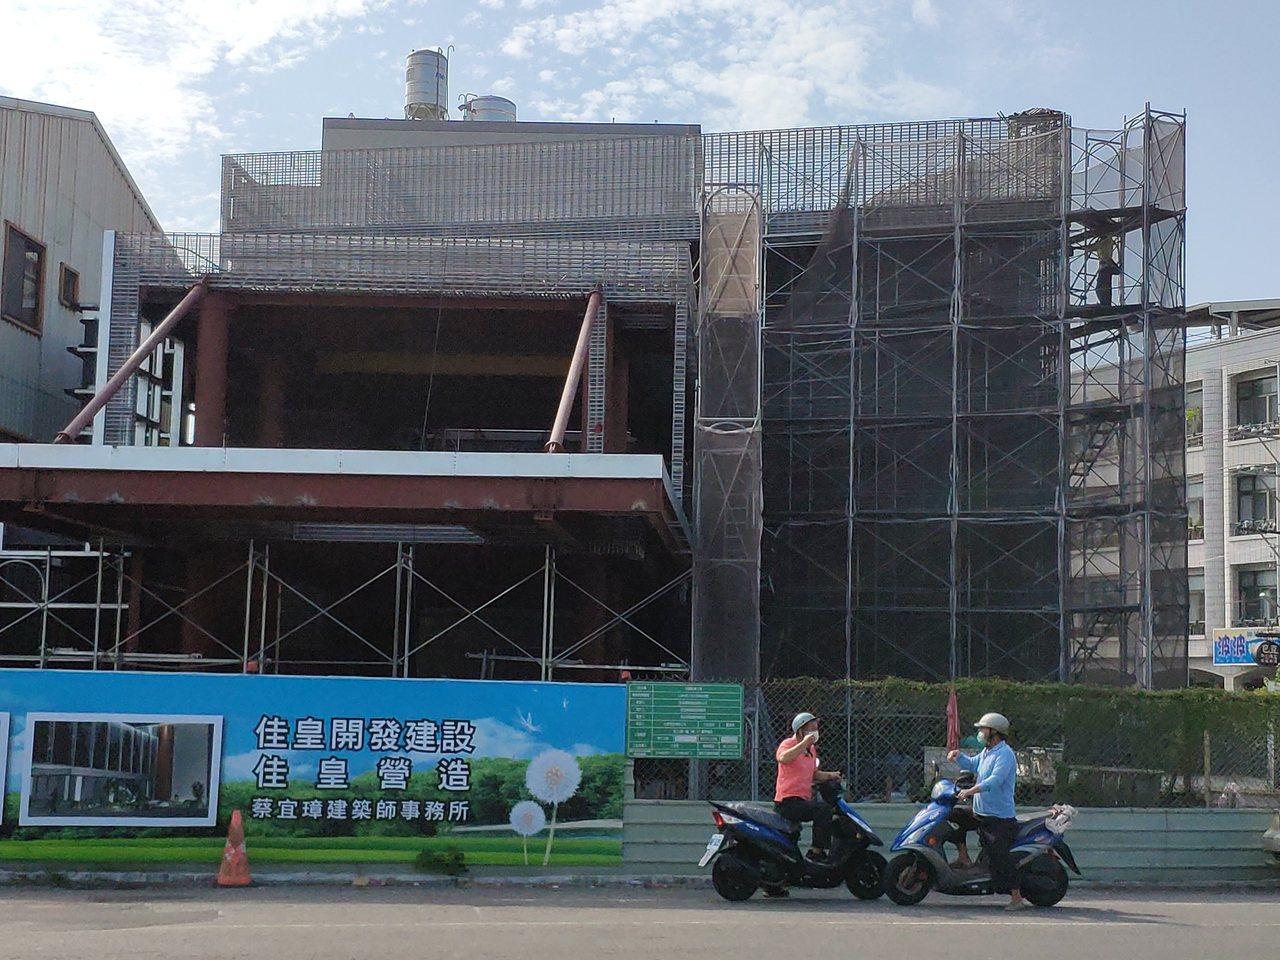 星巴克咖啡將進駐台南佳里傳聞成真,目前外觀建物已現雛形。記者謝進盛/攝影